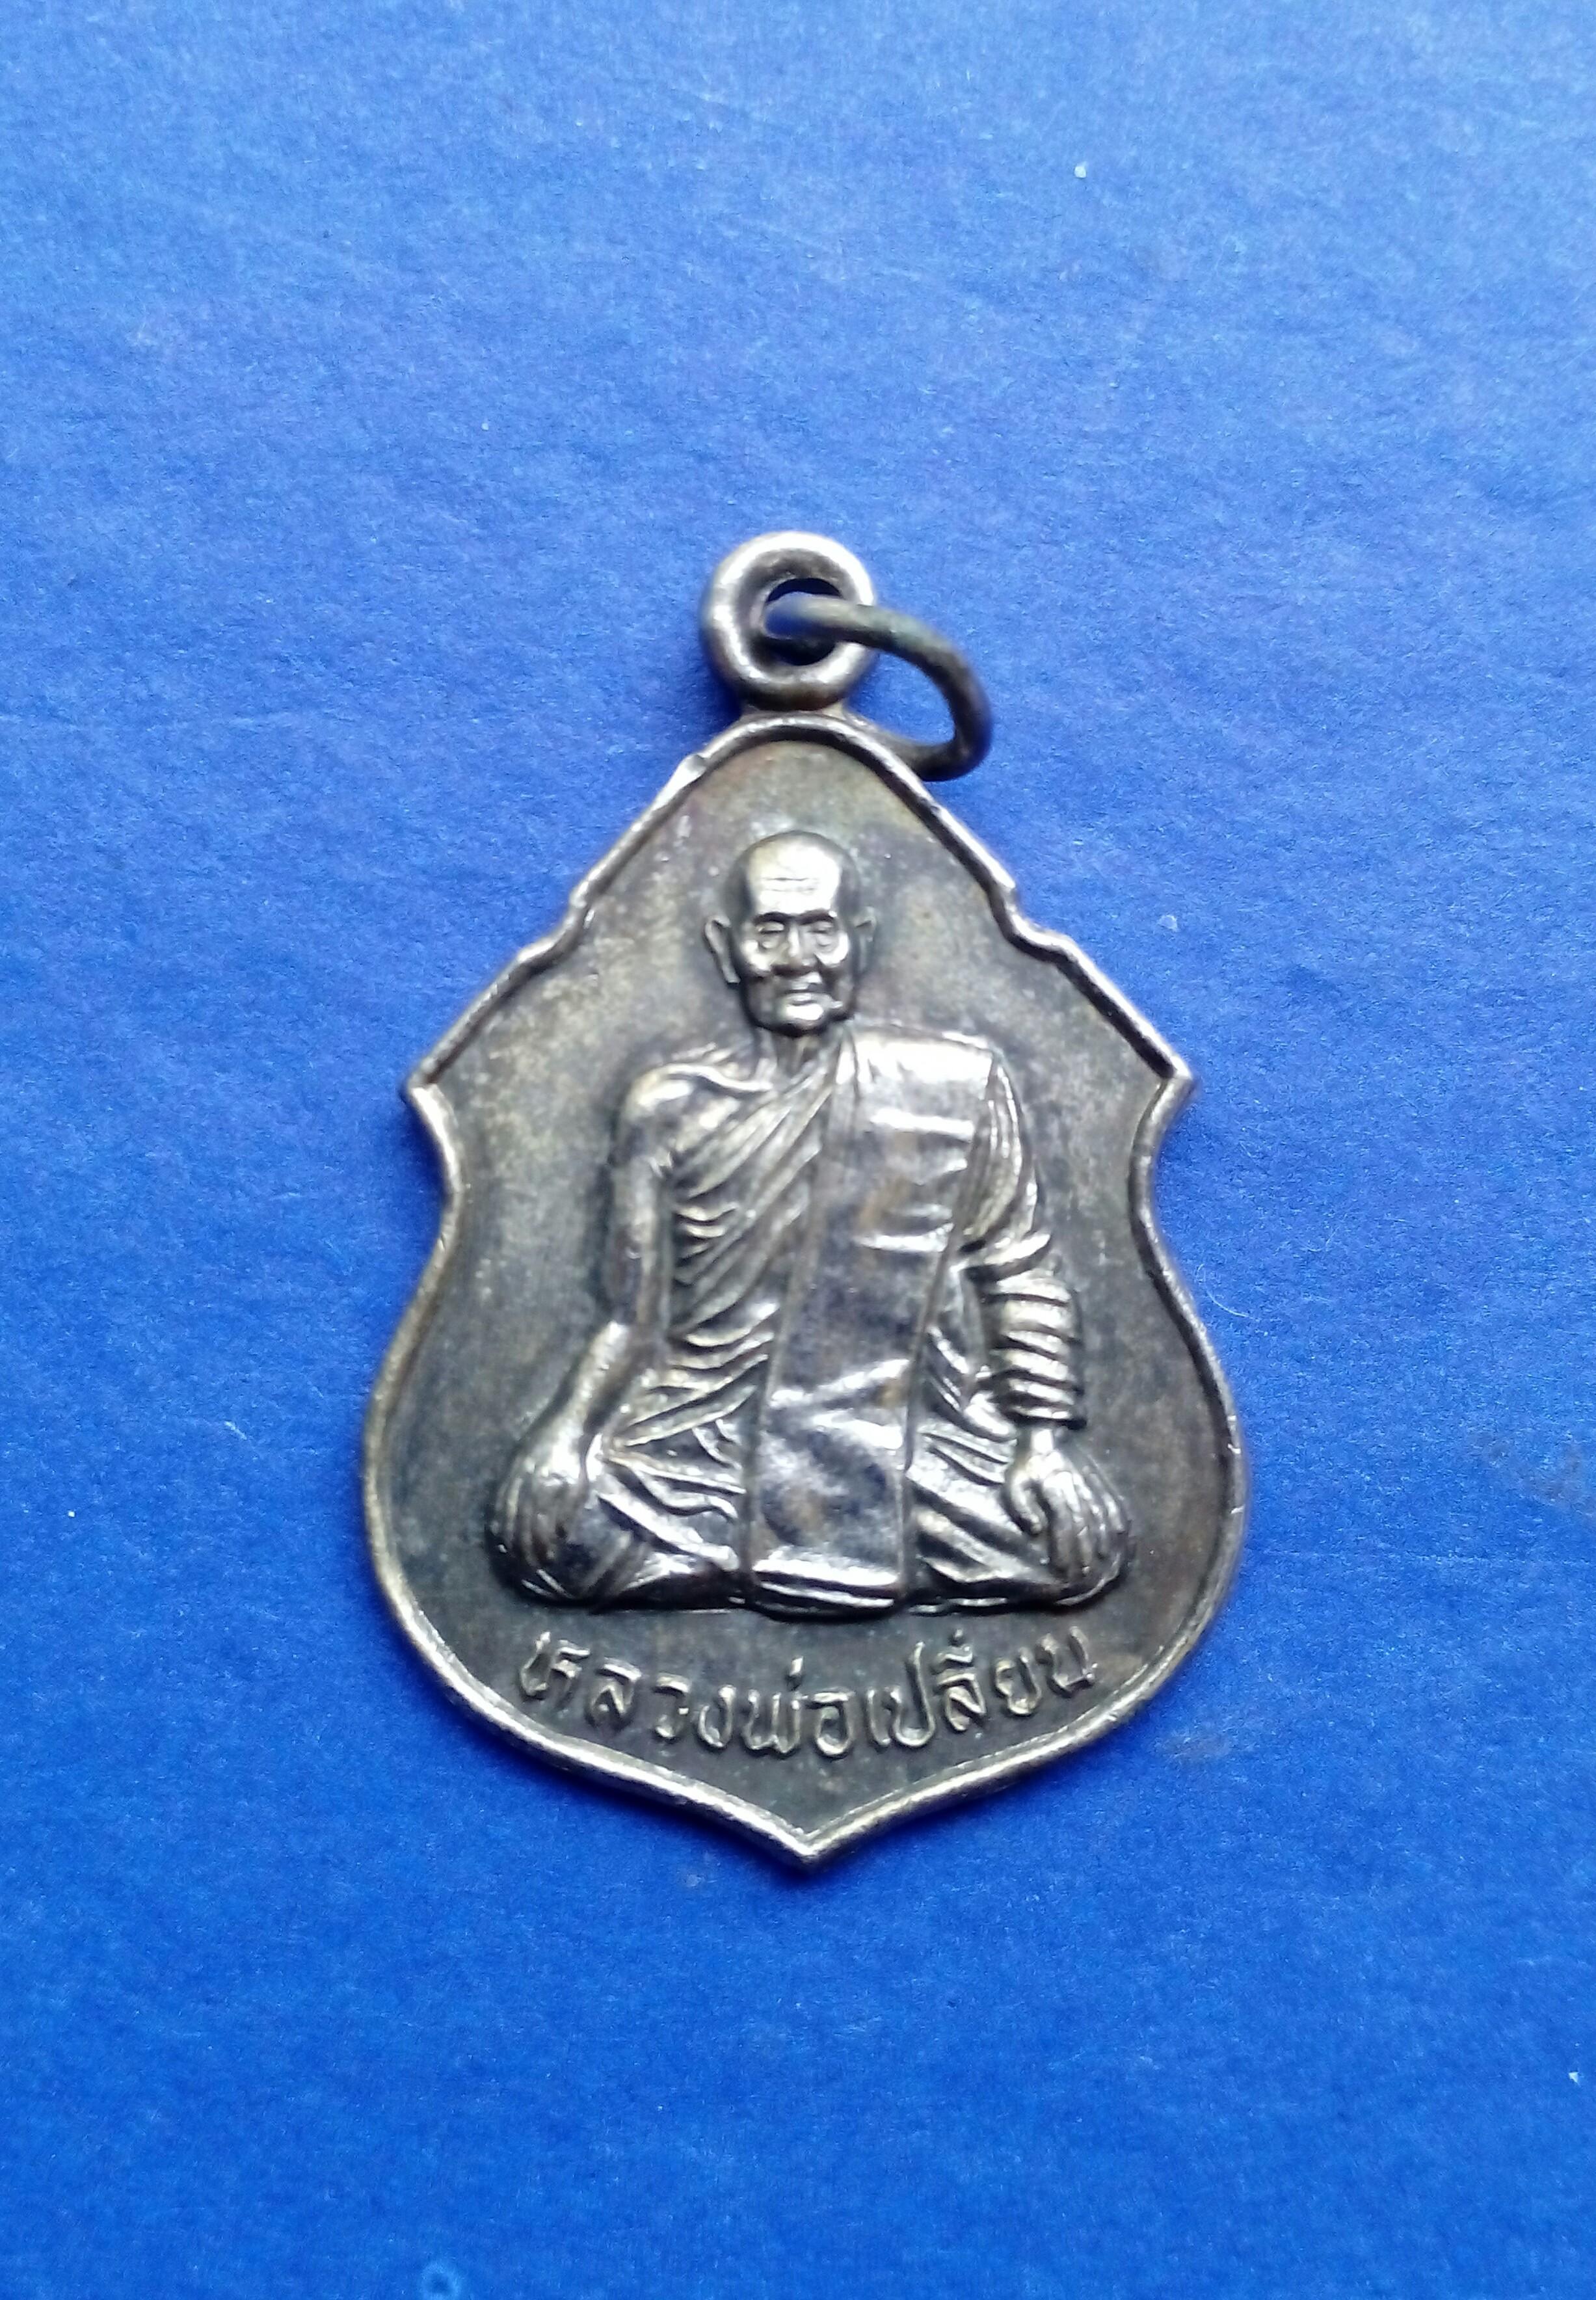 เหรียญหลวงพ่อเปลี่ยน วัดตาลดำ จ.ชลบุรี รุ่นสร้างวิหาร ปี 2540